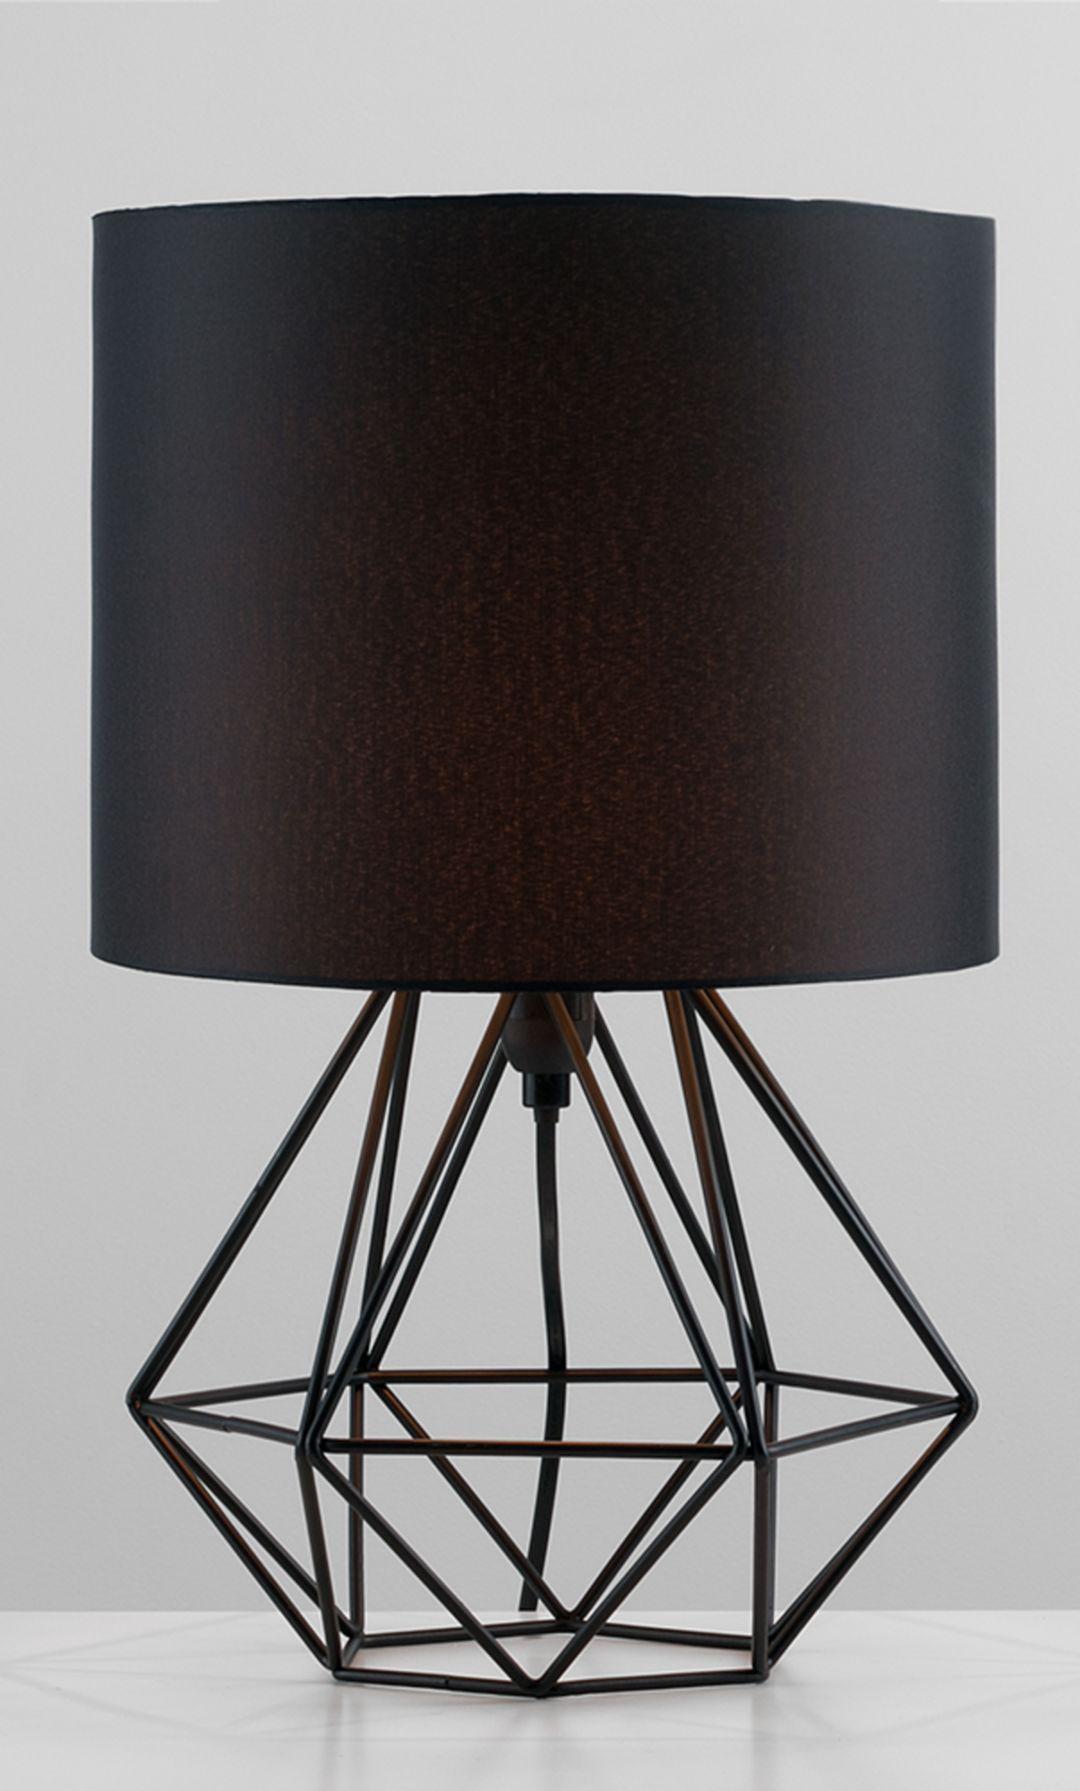 Modernhomedecorretro Schlafzimmer Lampe Dekorative Lampen Lampe